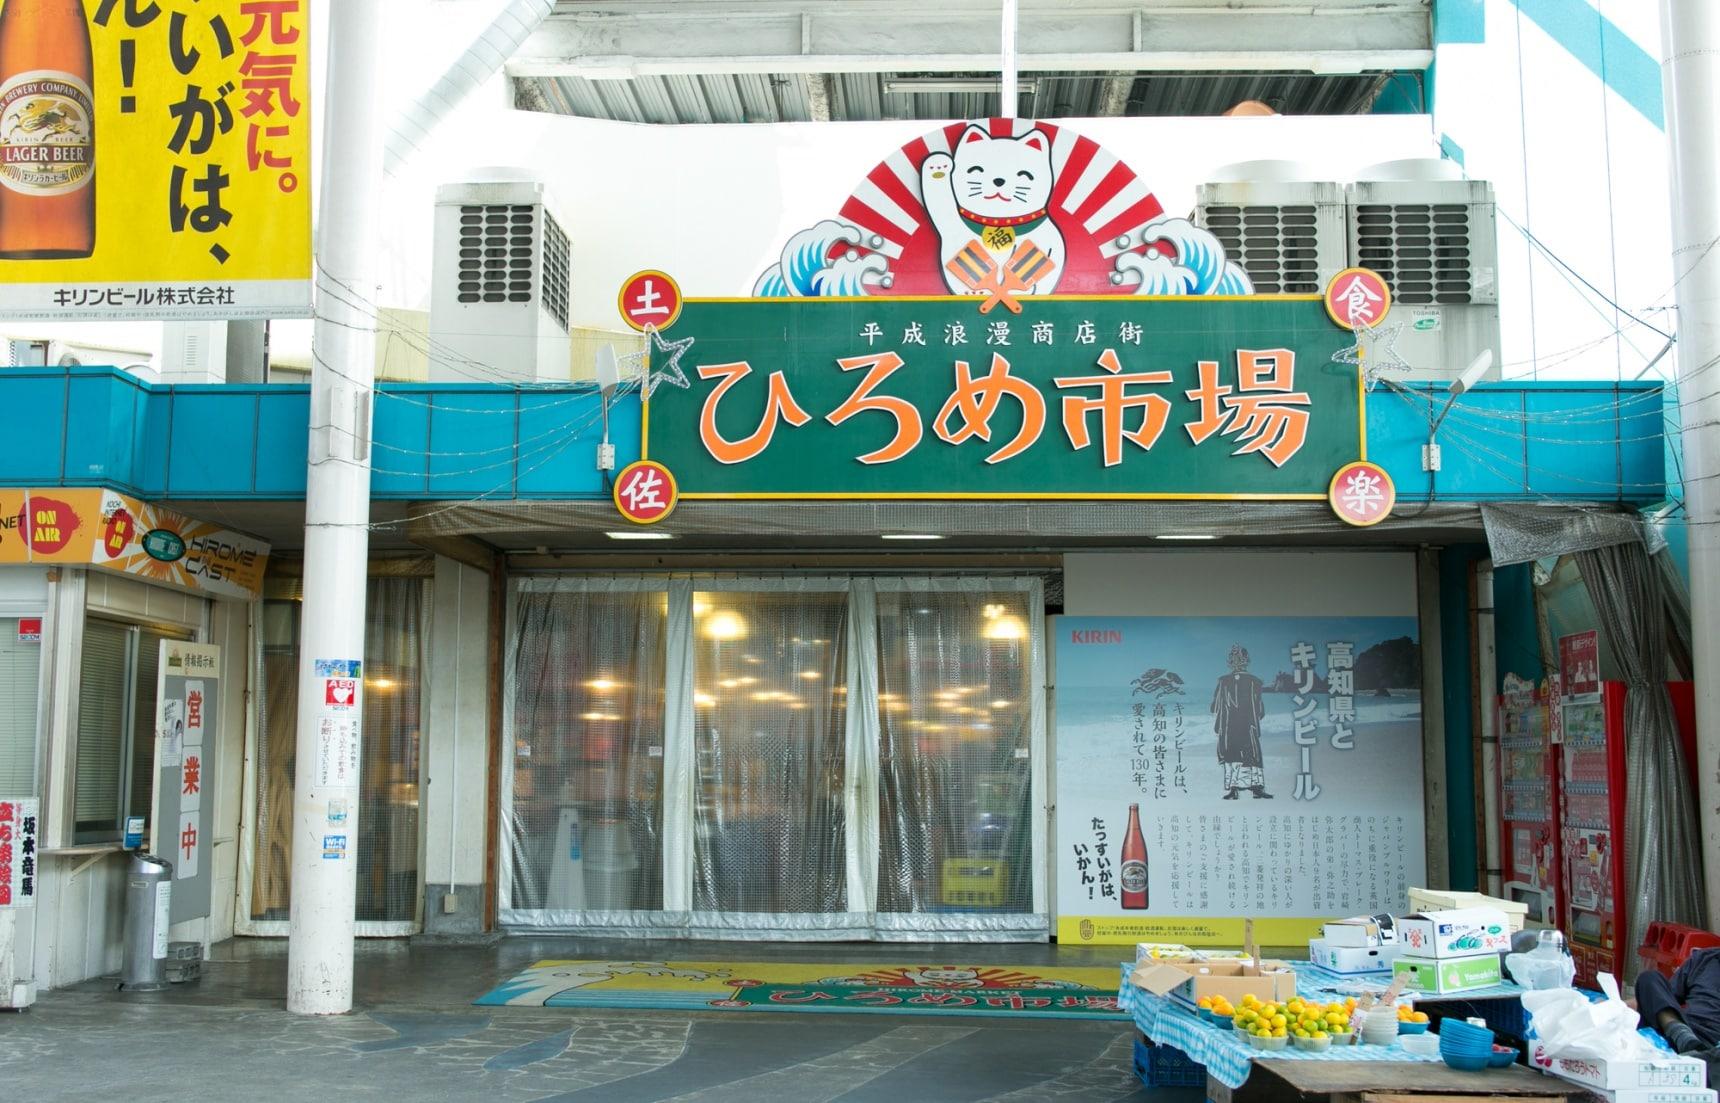 到日本飲酒量第一的「高知」與當地人一起大口吃肉,爽快夜遊!